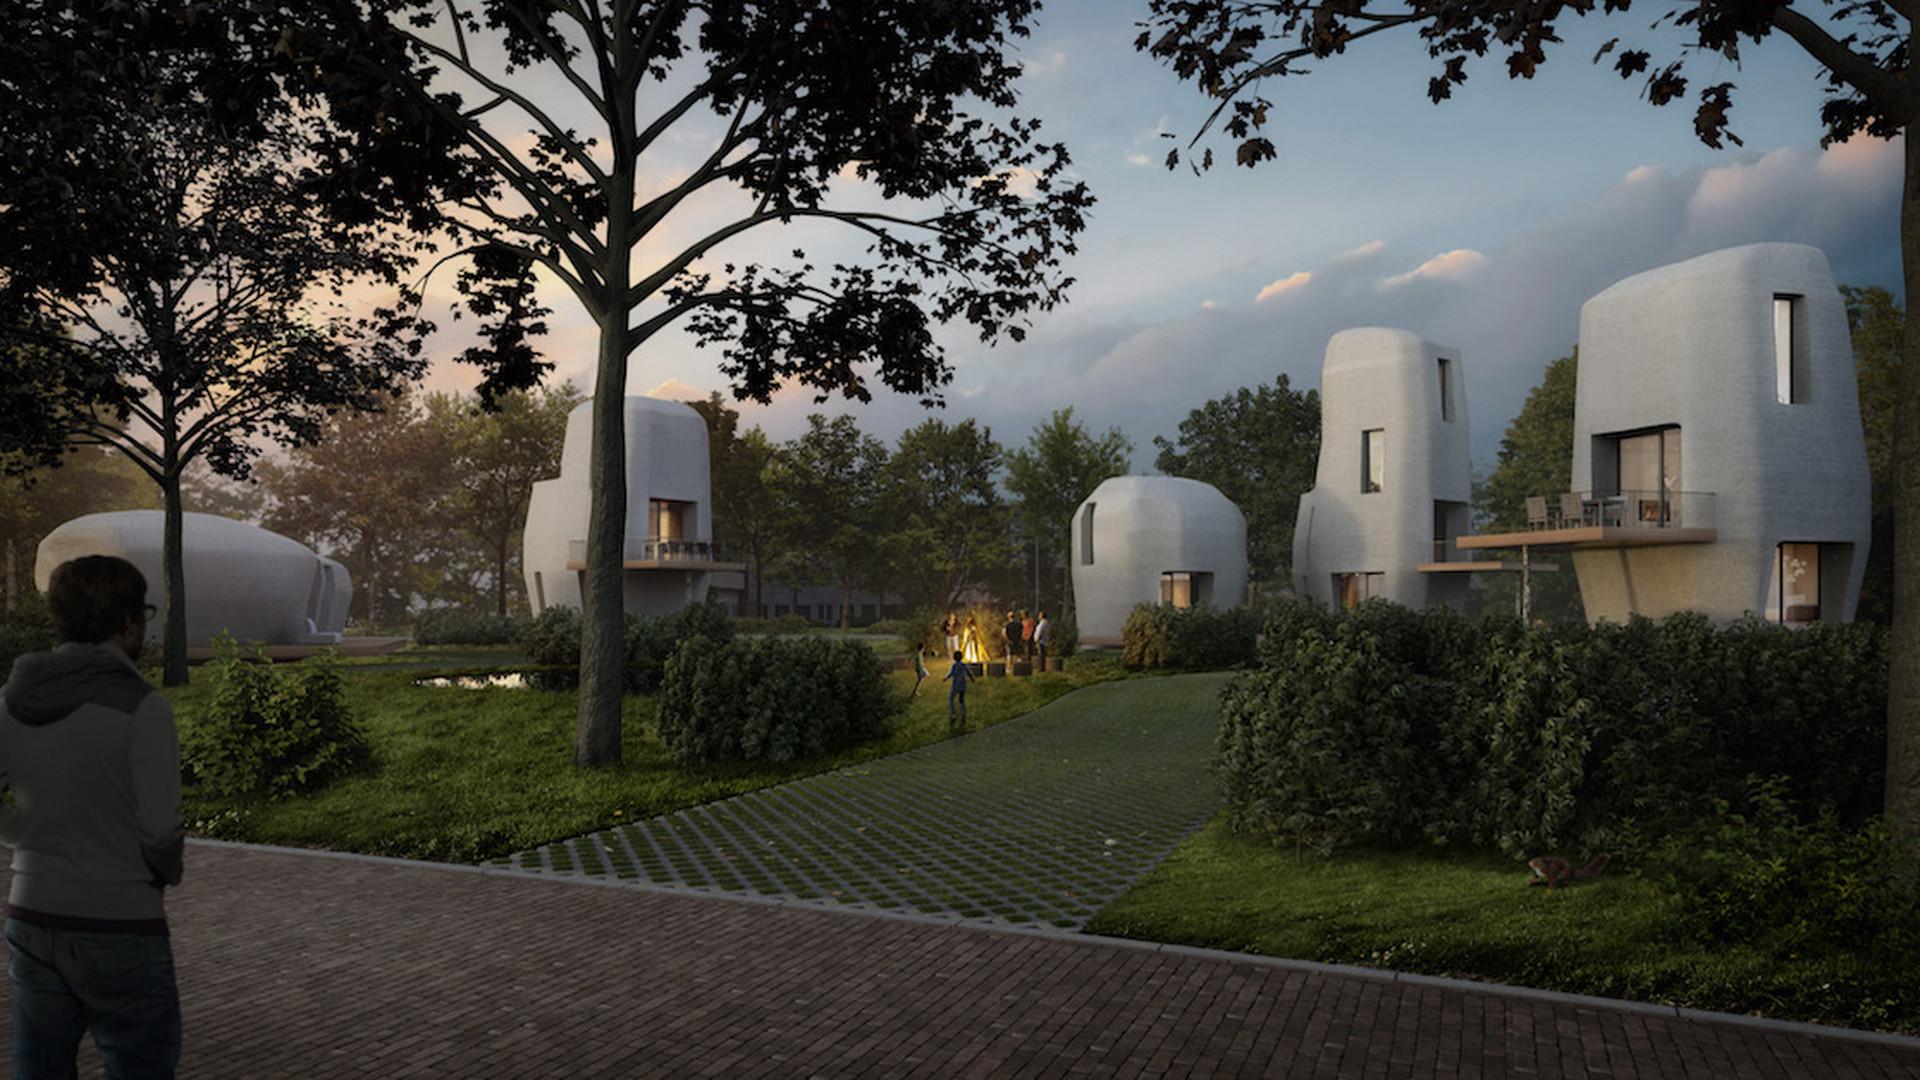 02d82f678 Holandsko sa stane raritou vo svete. Domy chcú stavať netradičnou metódou.  Mesto vytvorené 3D ...